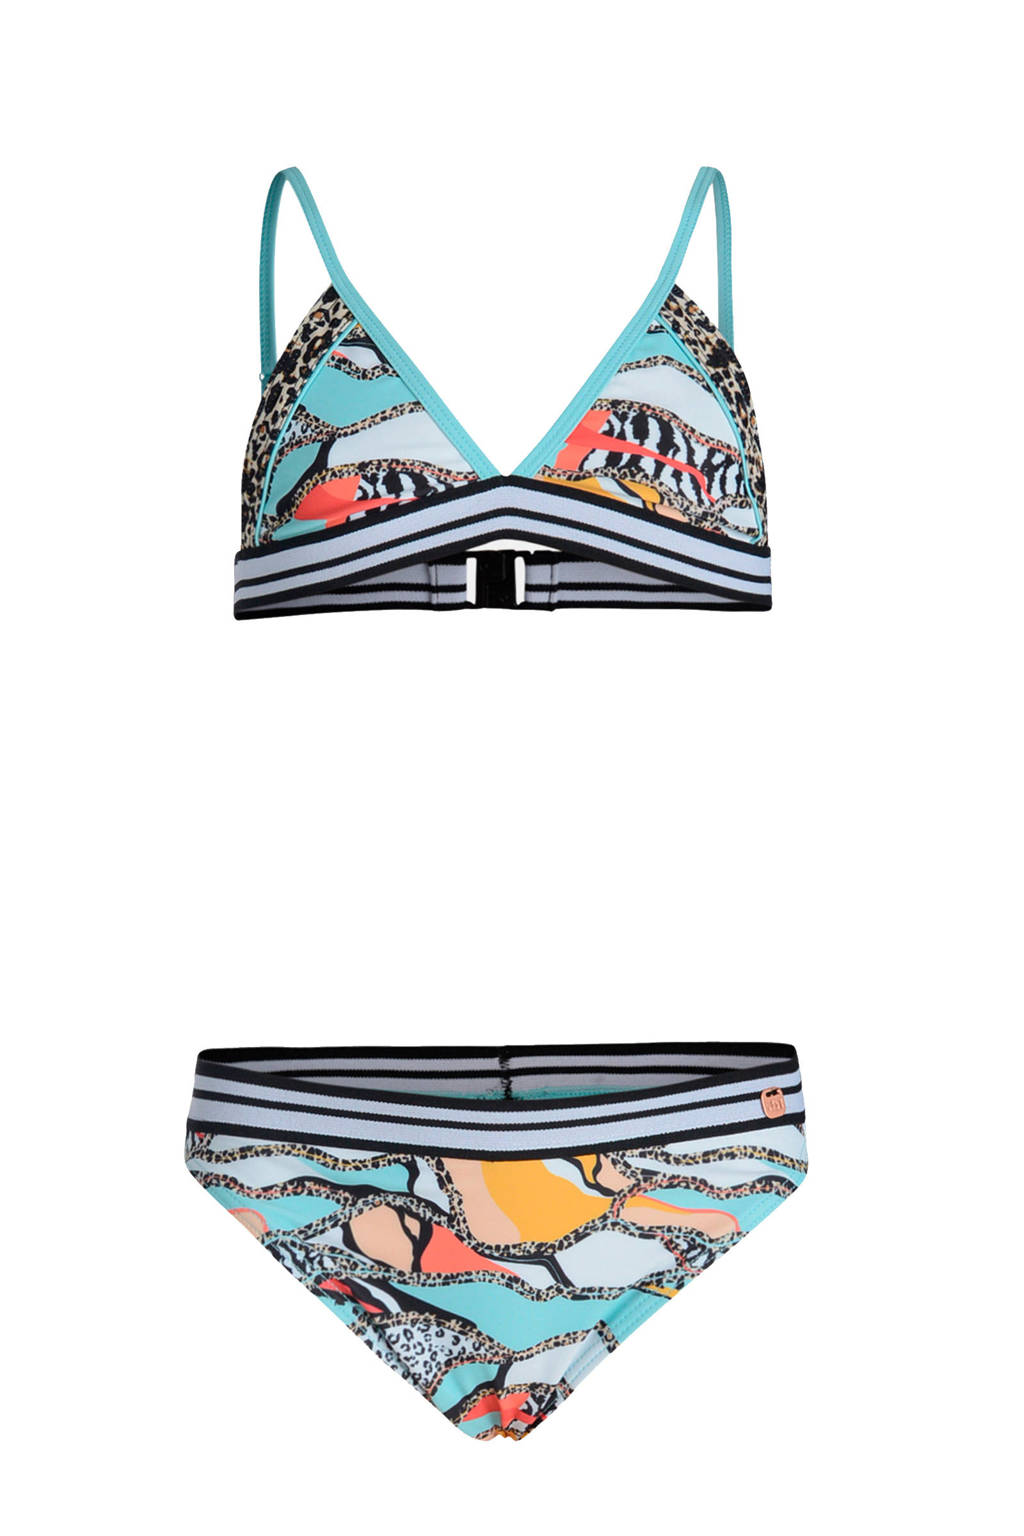 JILL MITCH bikini Resort met all over print blauw, Blauw/wit/geel